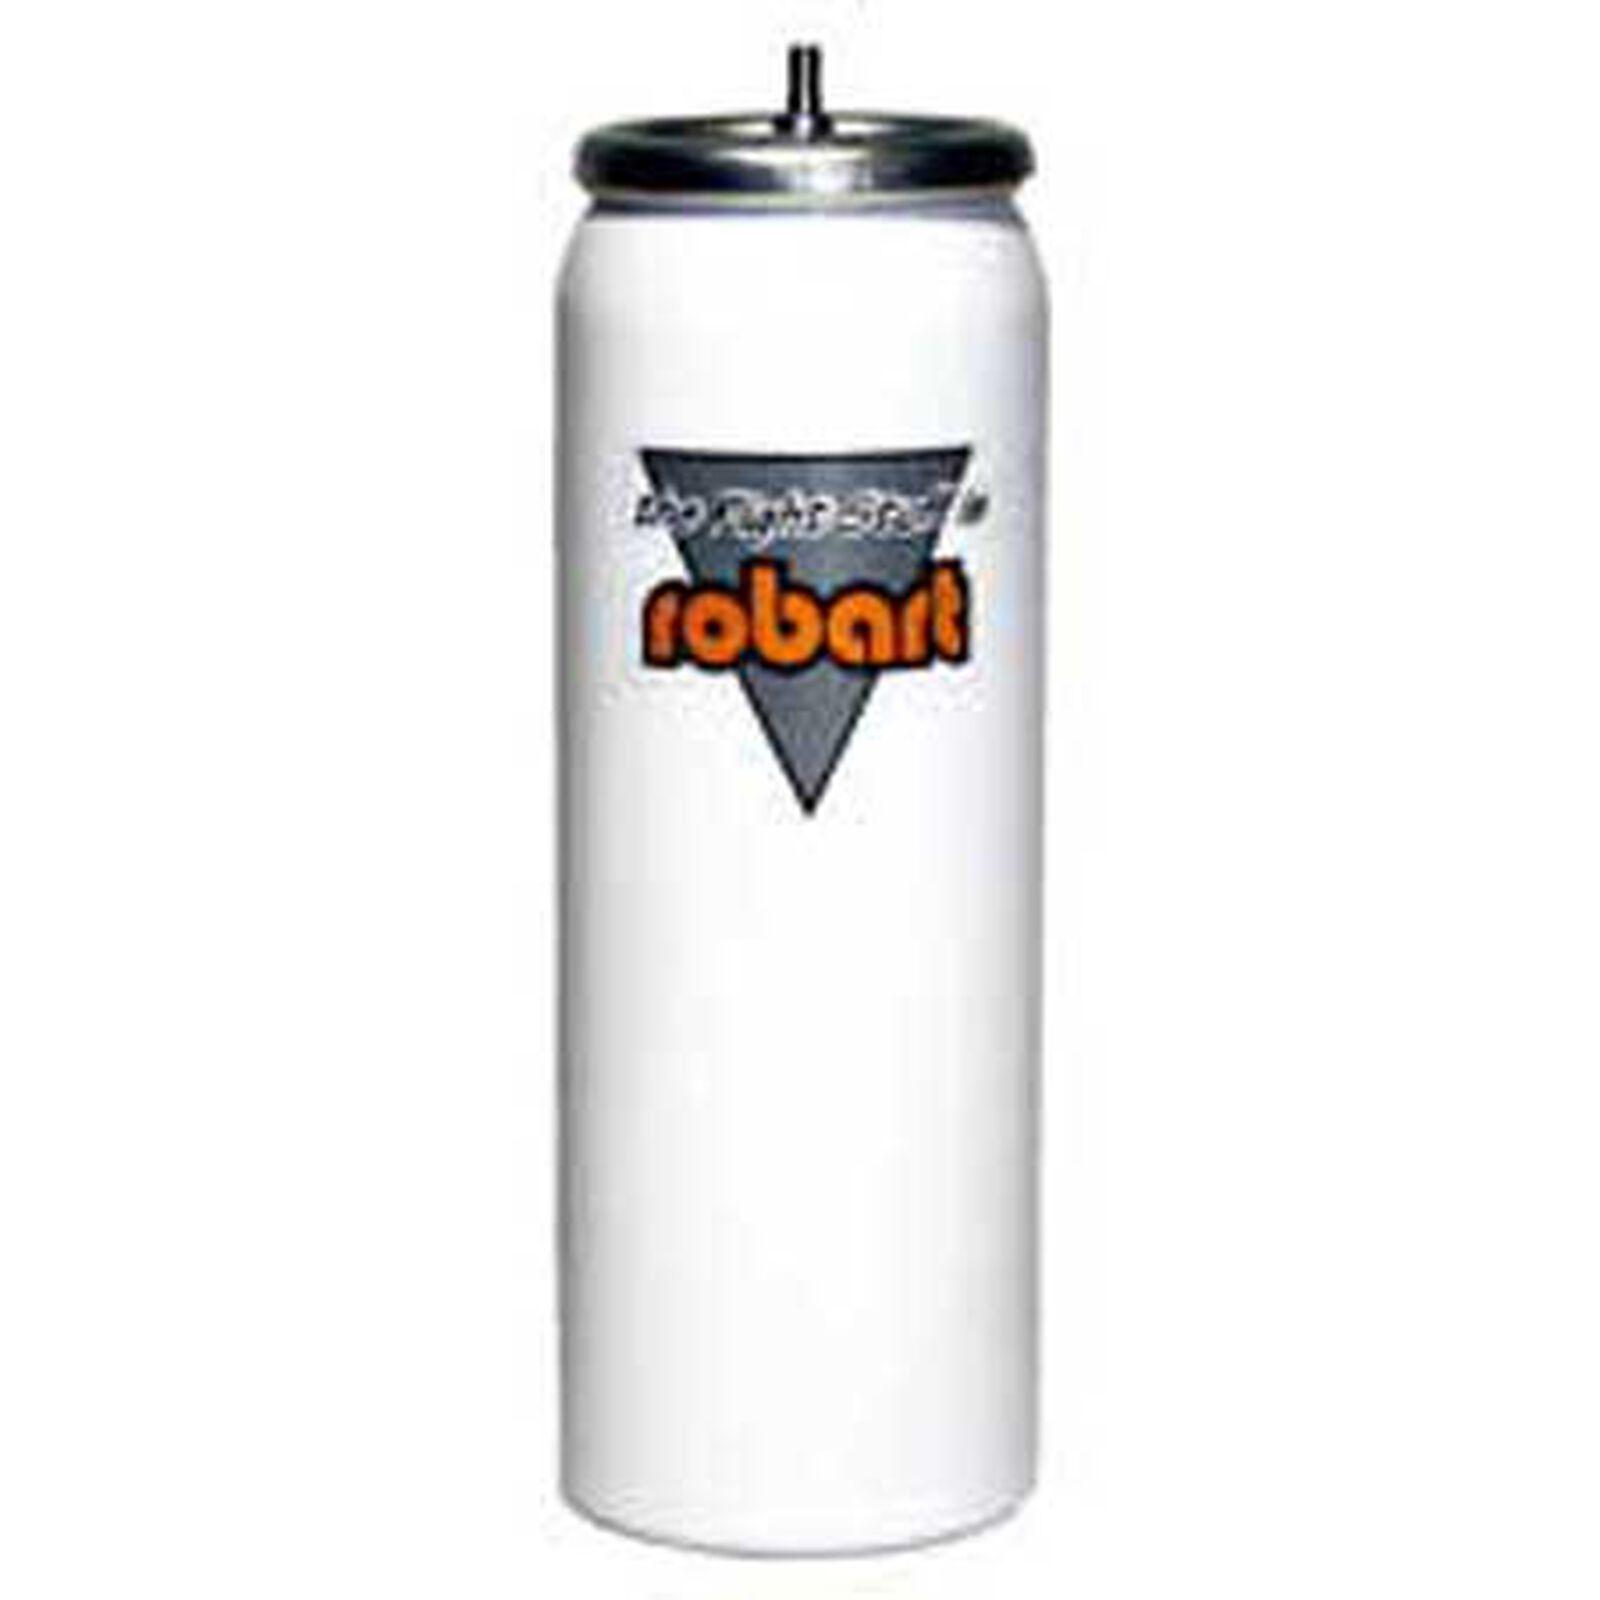 X-Small Air Pressure Tank 4-3/4L X 1-3/8 Diameter